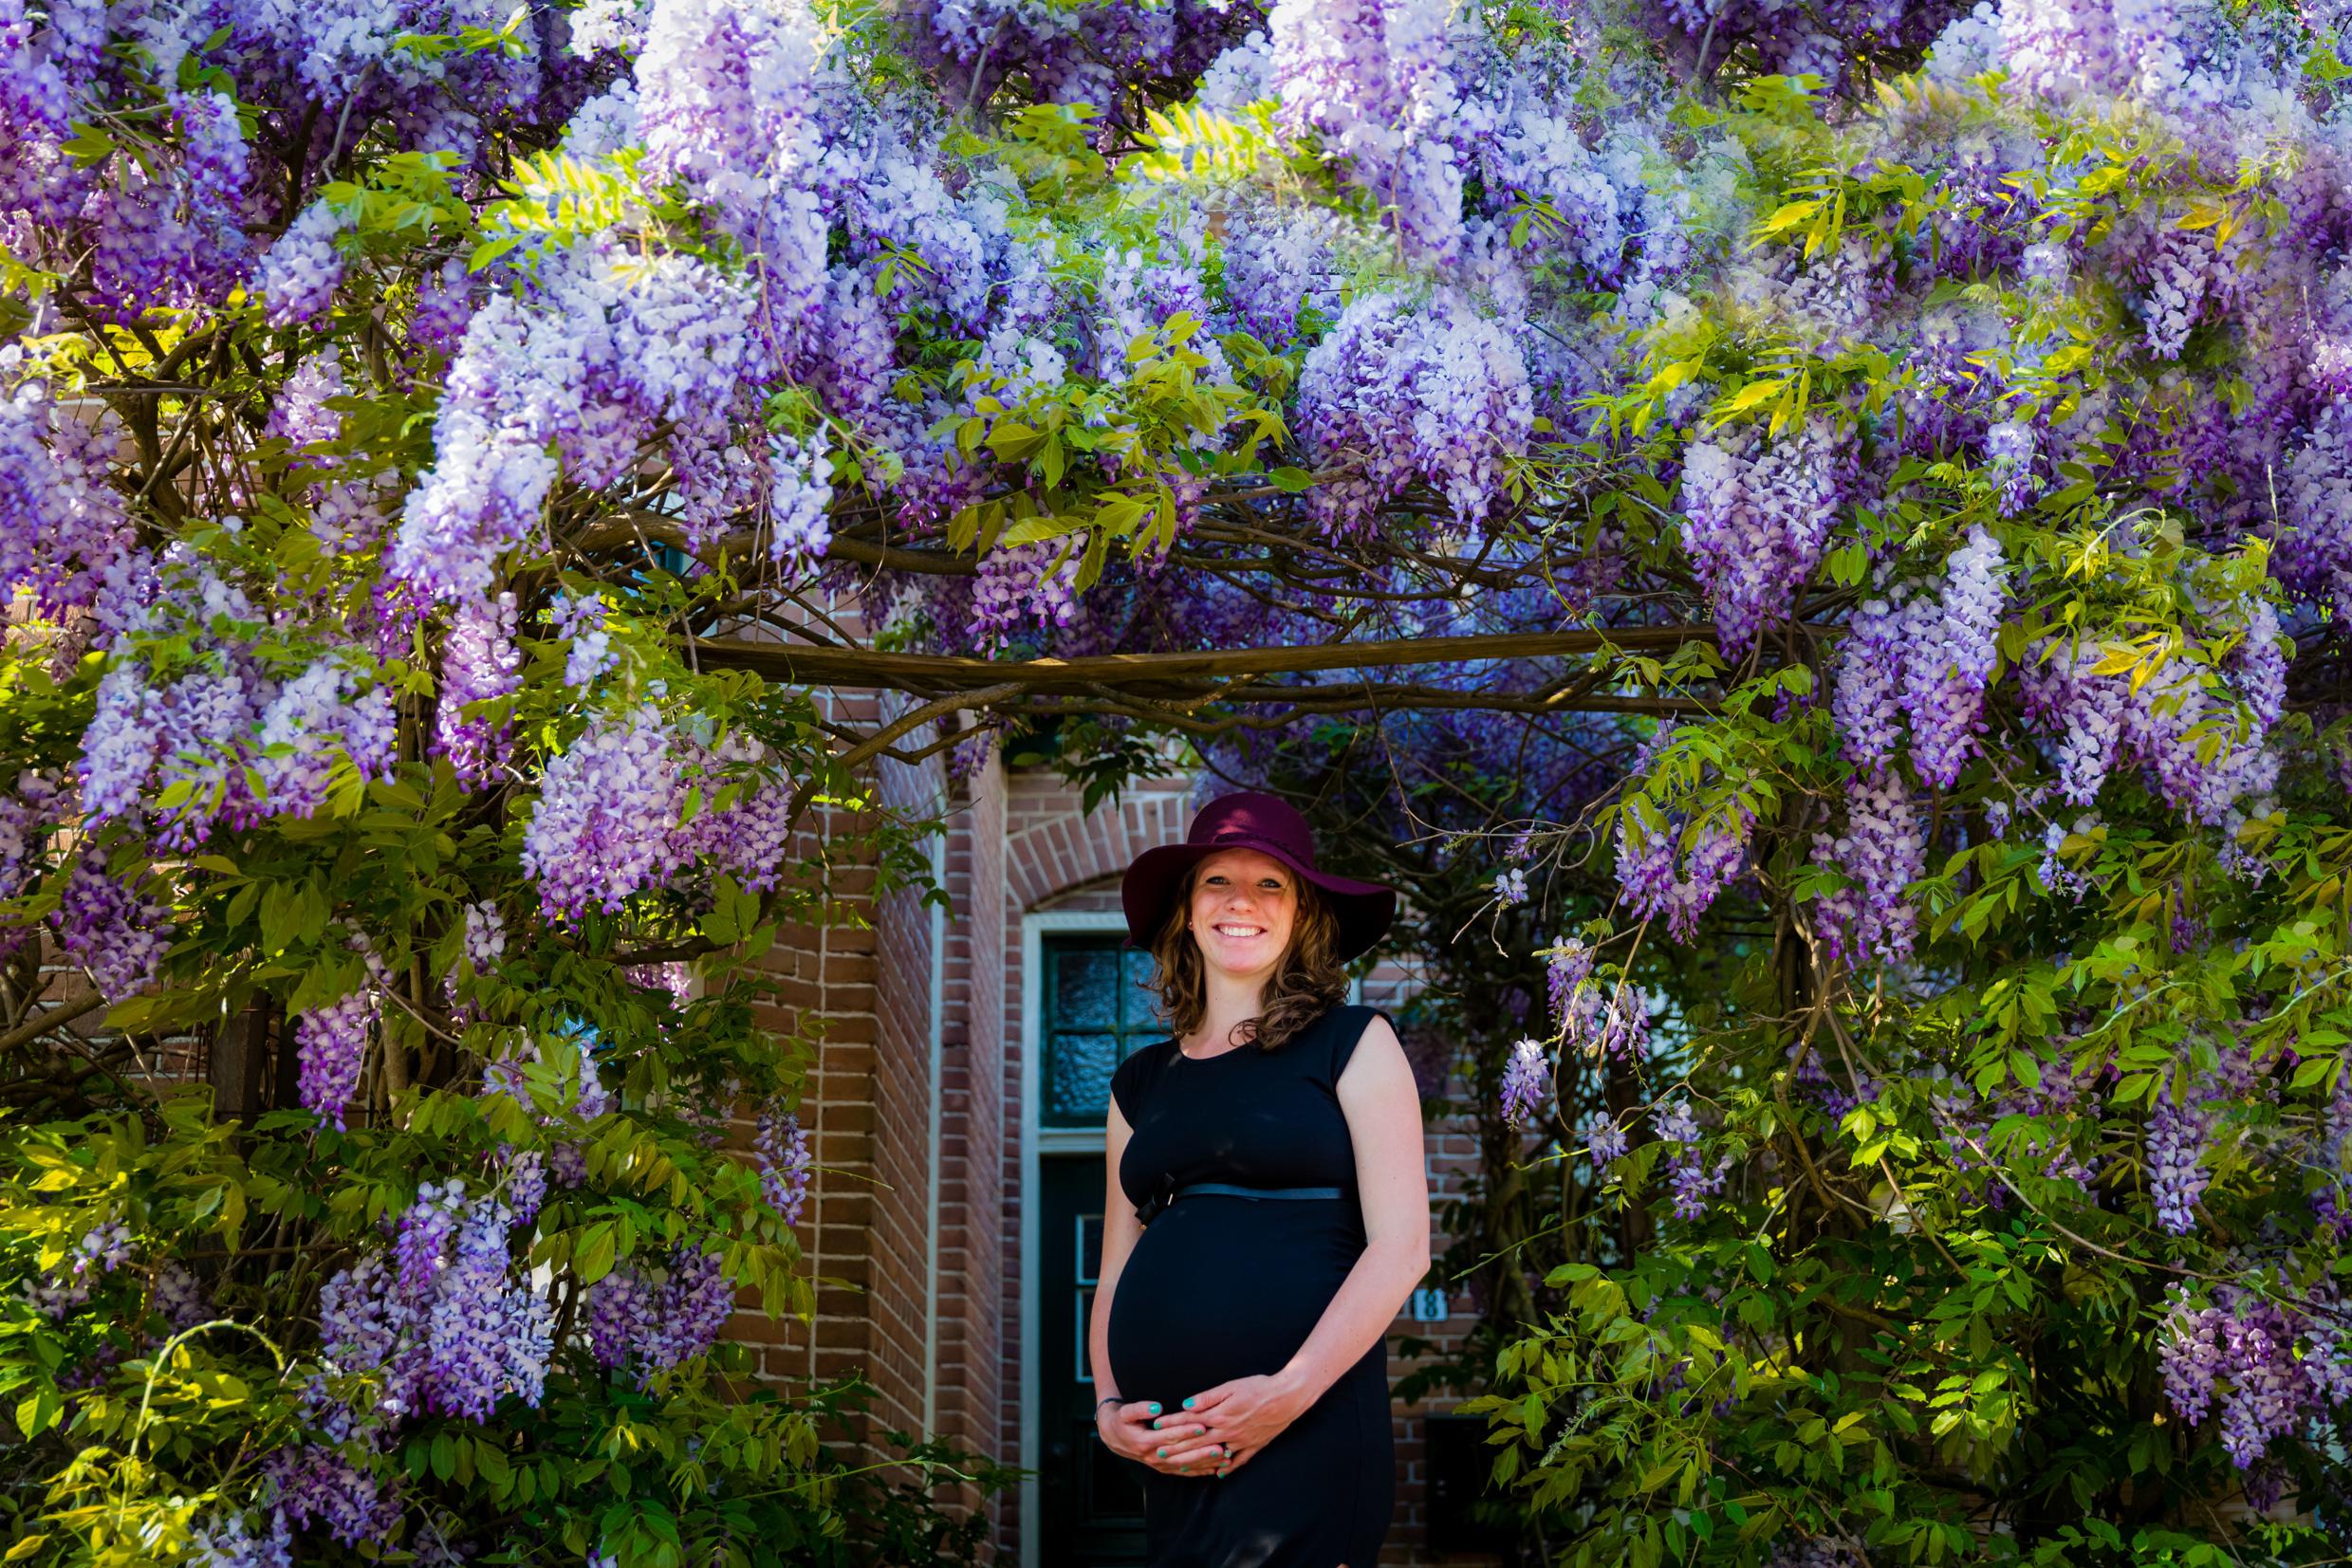 ZwangerschapMarije-home-1